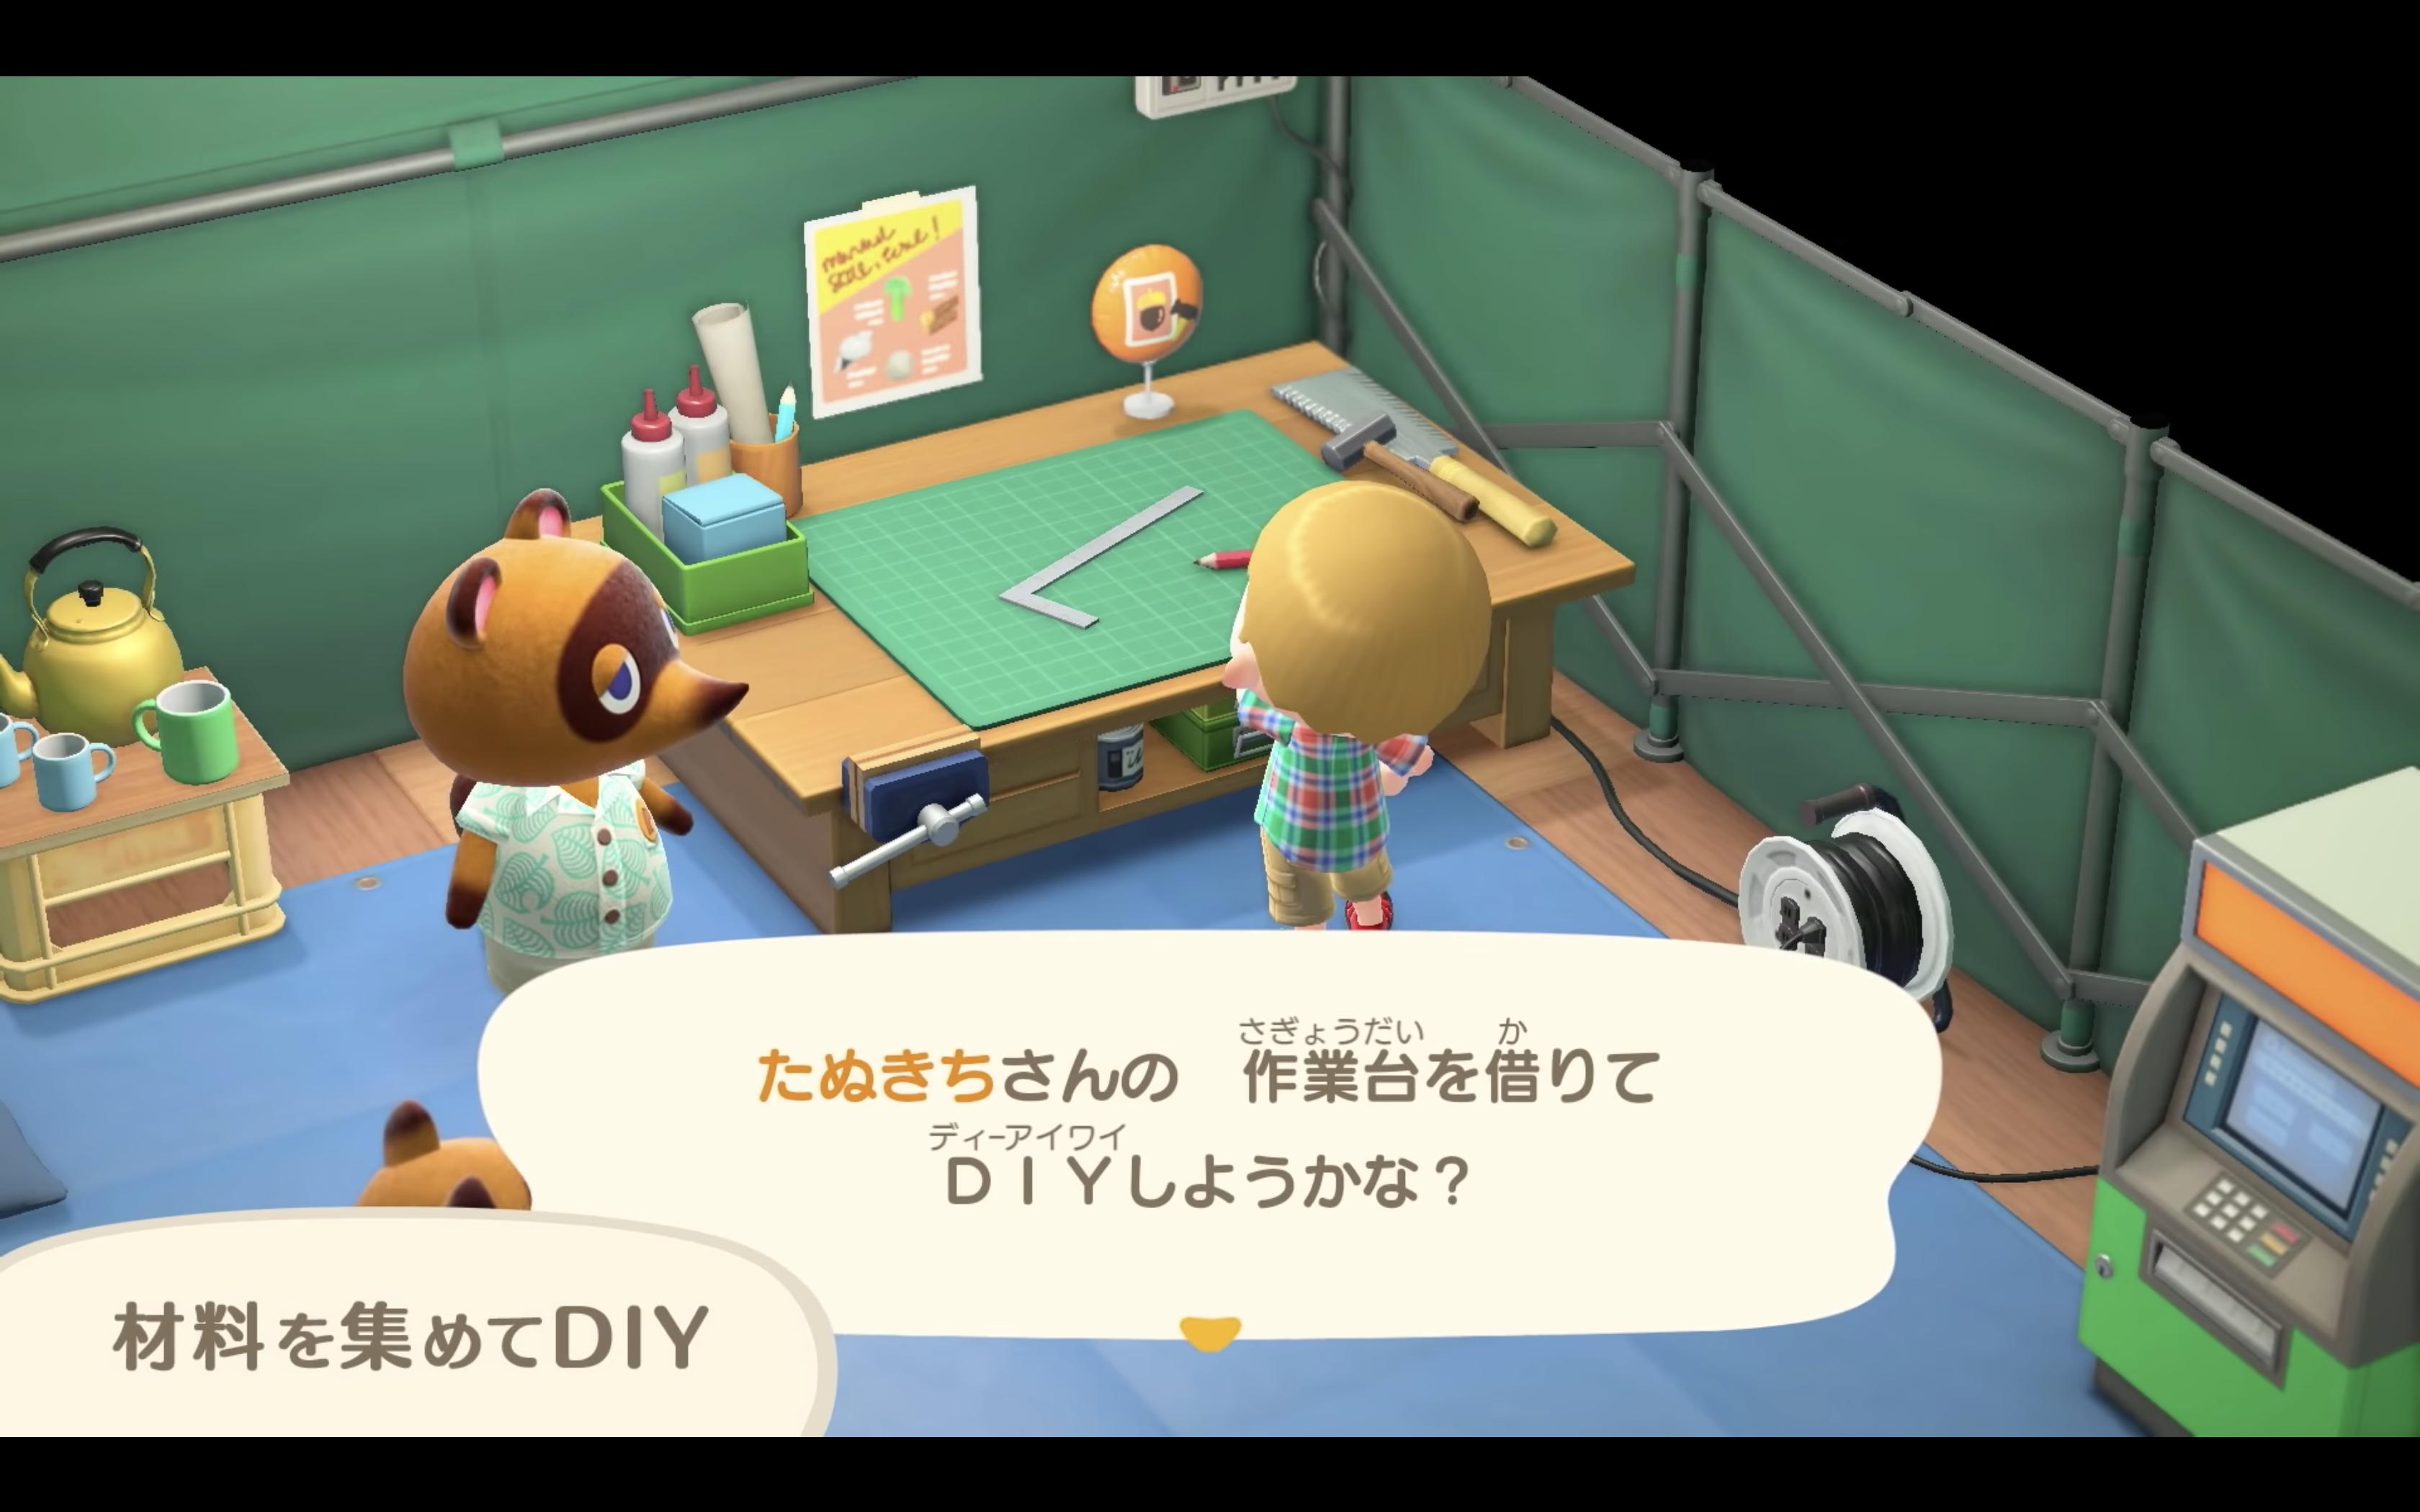 あつまれどうぶつの森 - DIY